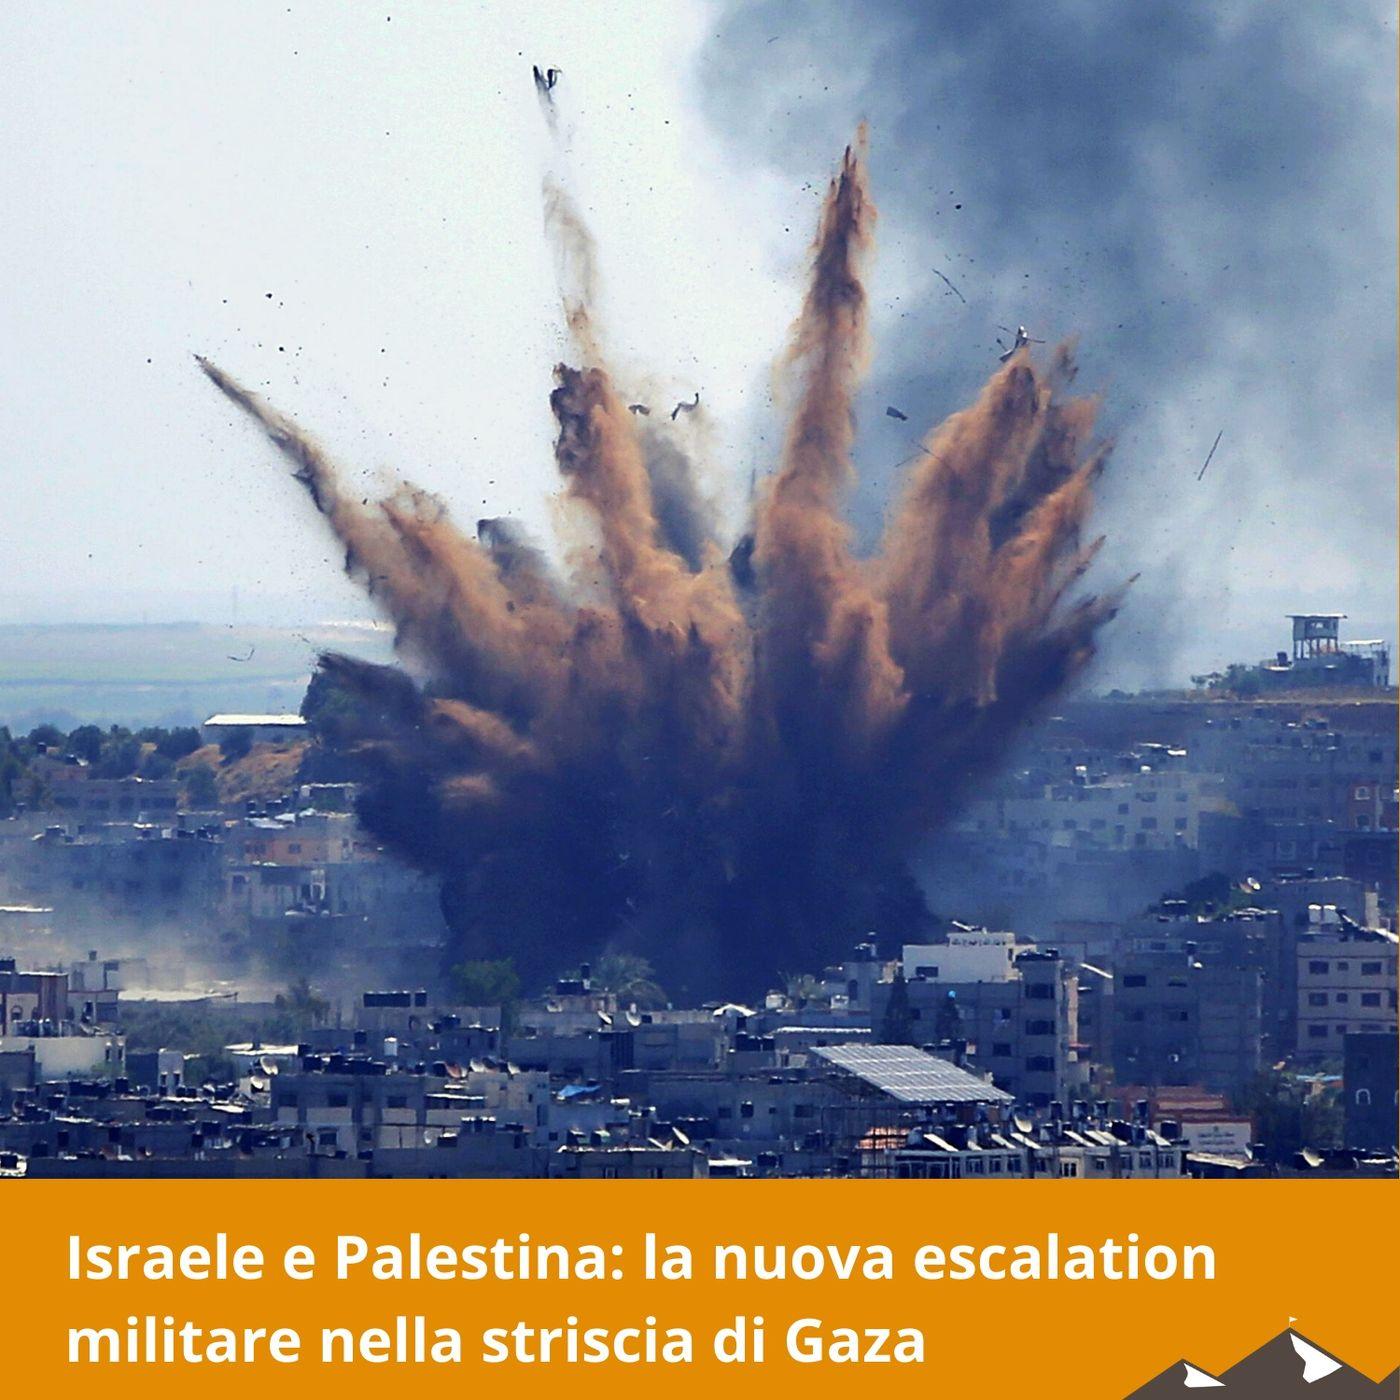 Israele e Palestina: la nuova escalation militare nella striscia di Gaza